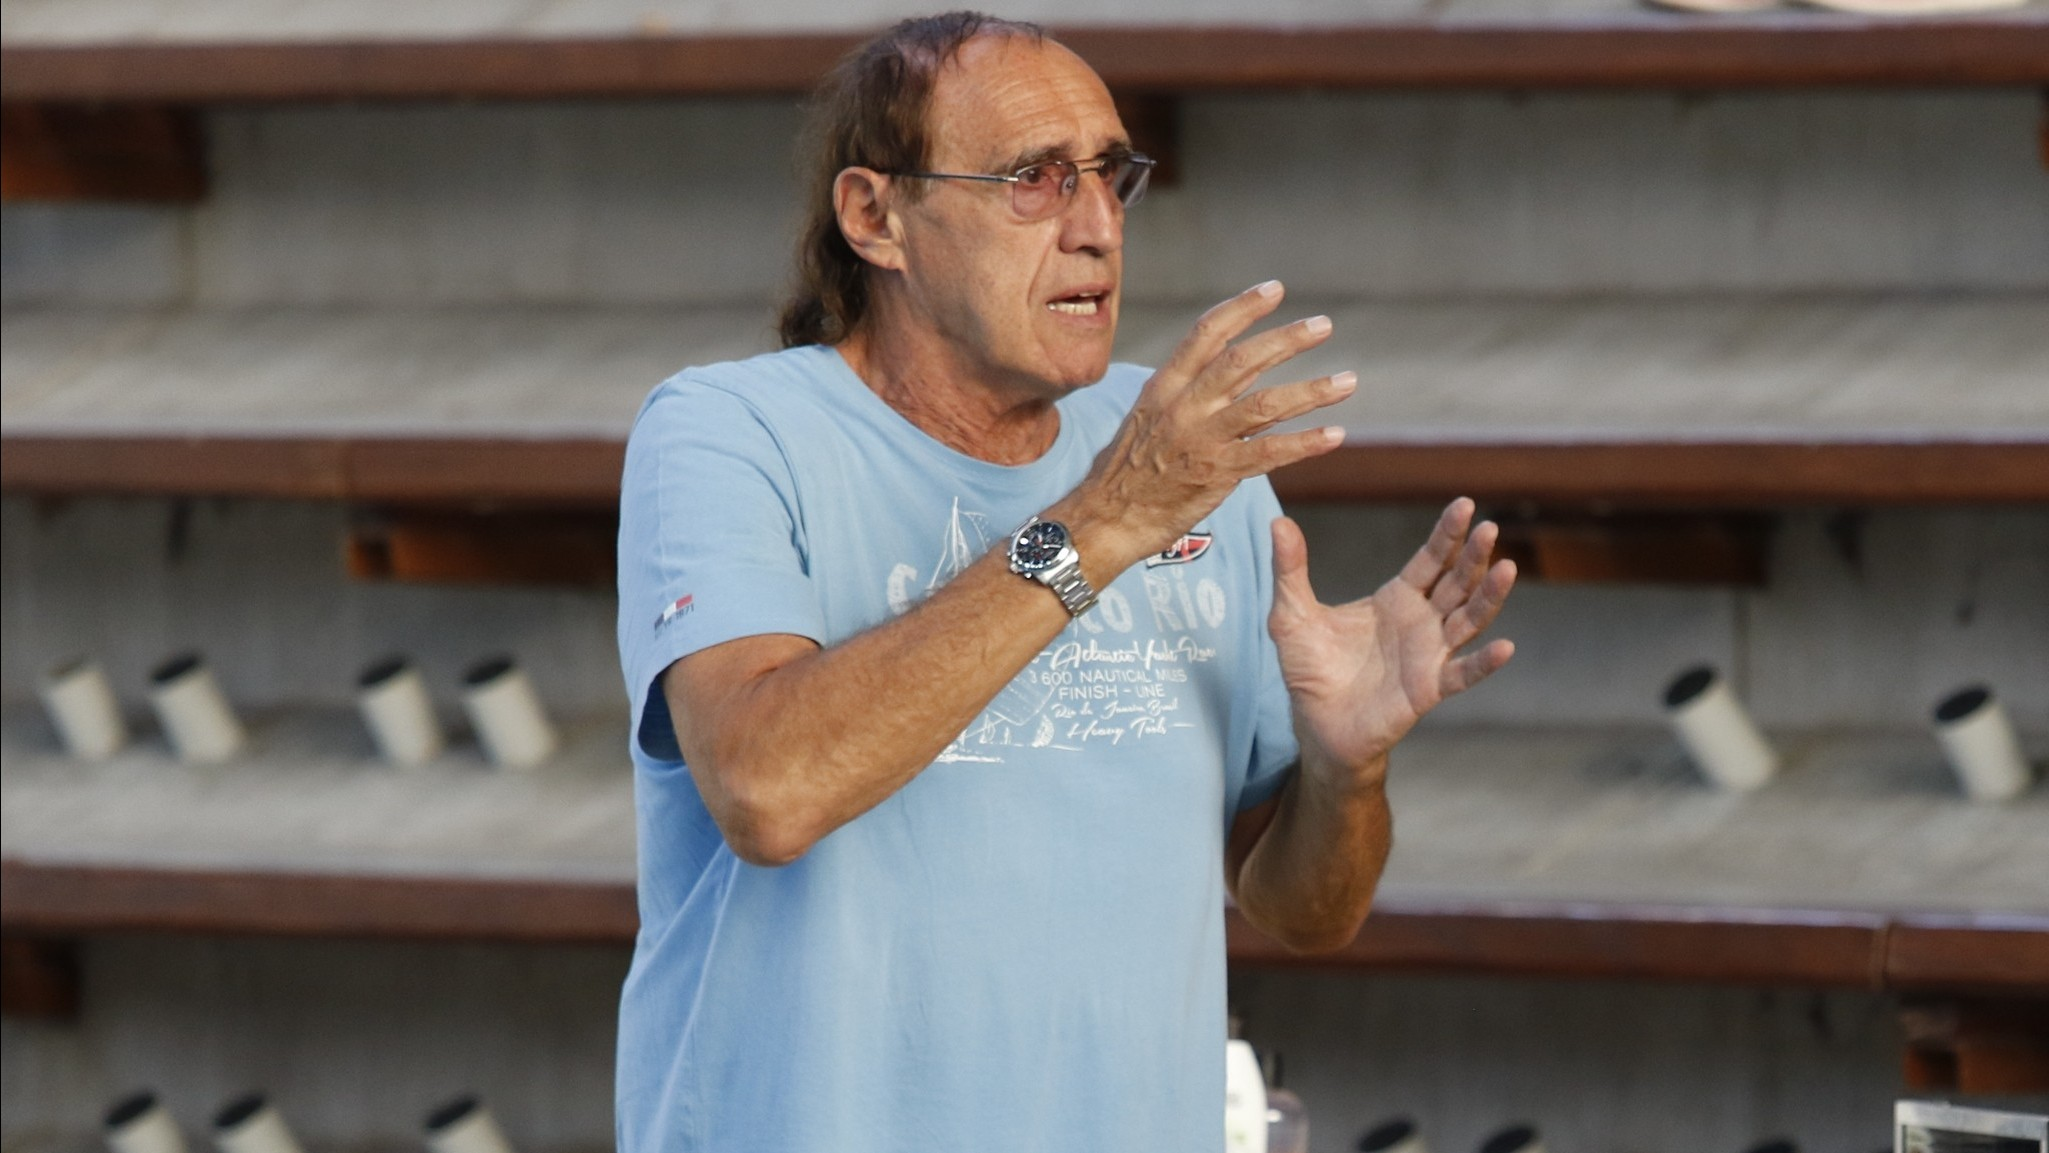 Nemzet Sportolója - A tagok Faragó Tamás vízilabdázót javasolják a címre